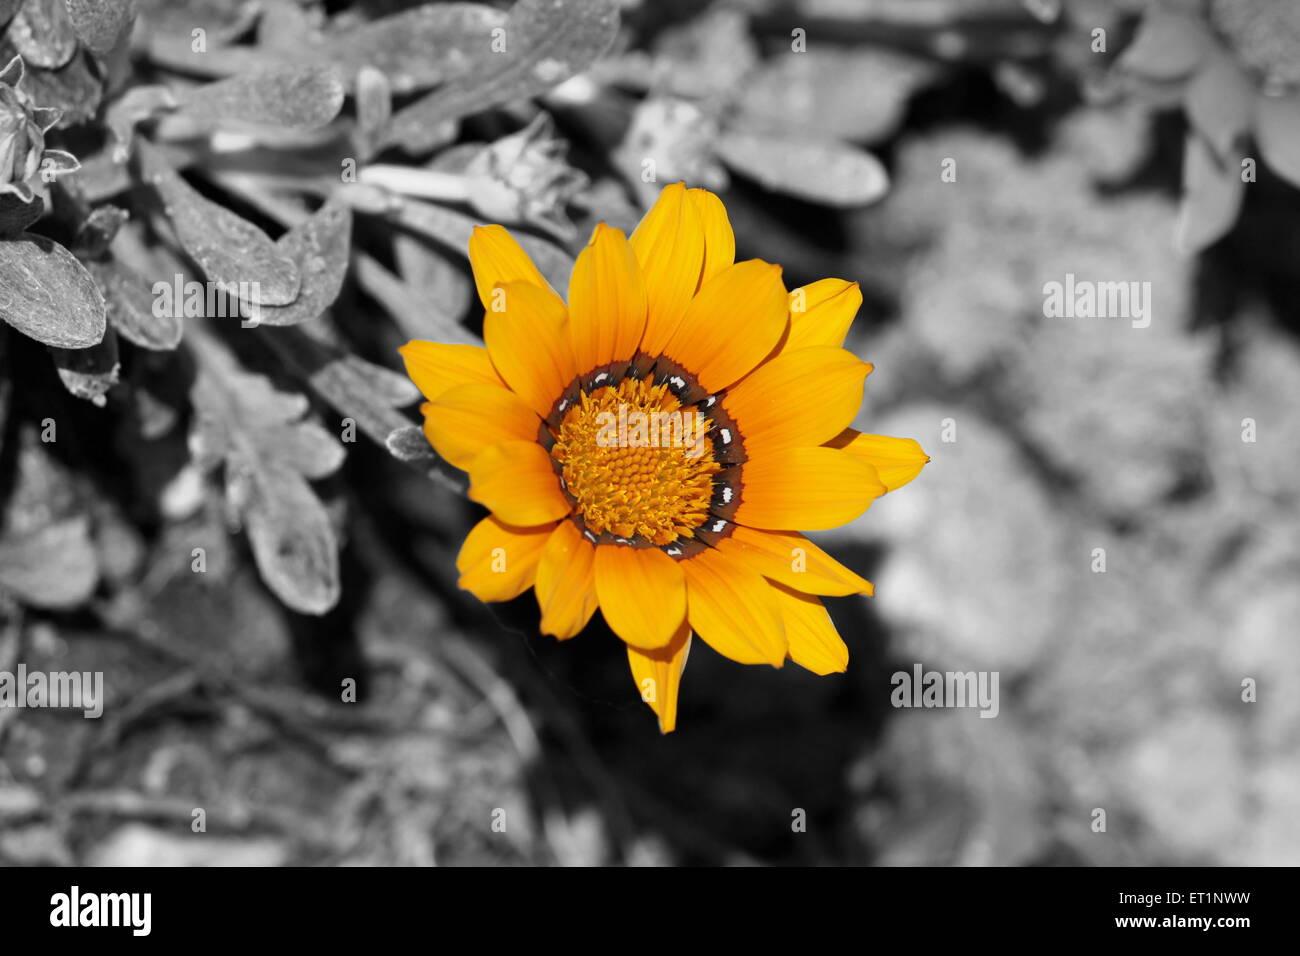 Fiori Gialli Yellow Flowers.Giallo Yellow Stock Photos Giallo Yellow Stock Images Alamy